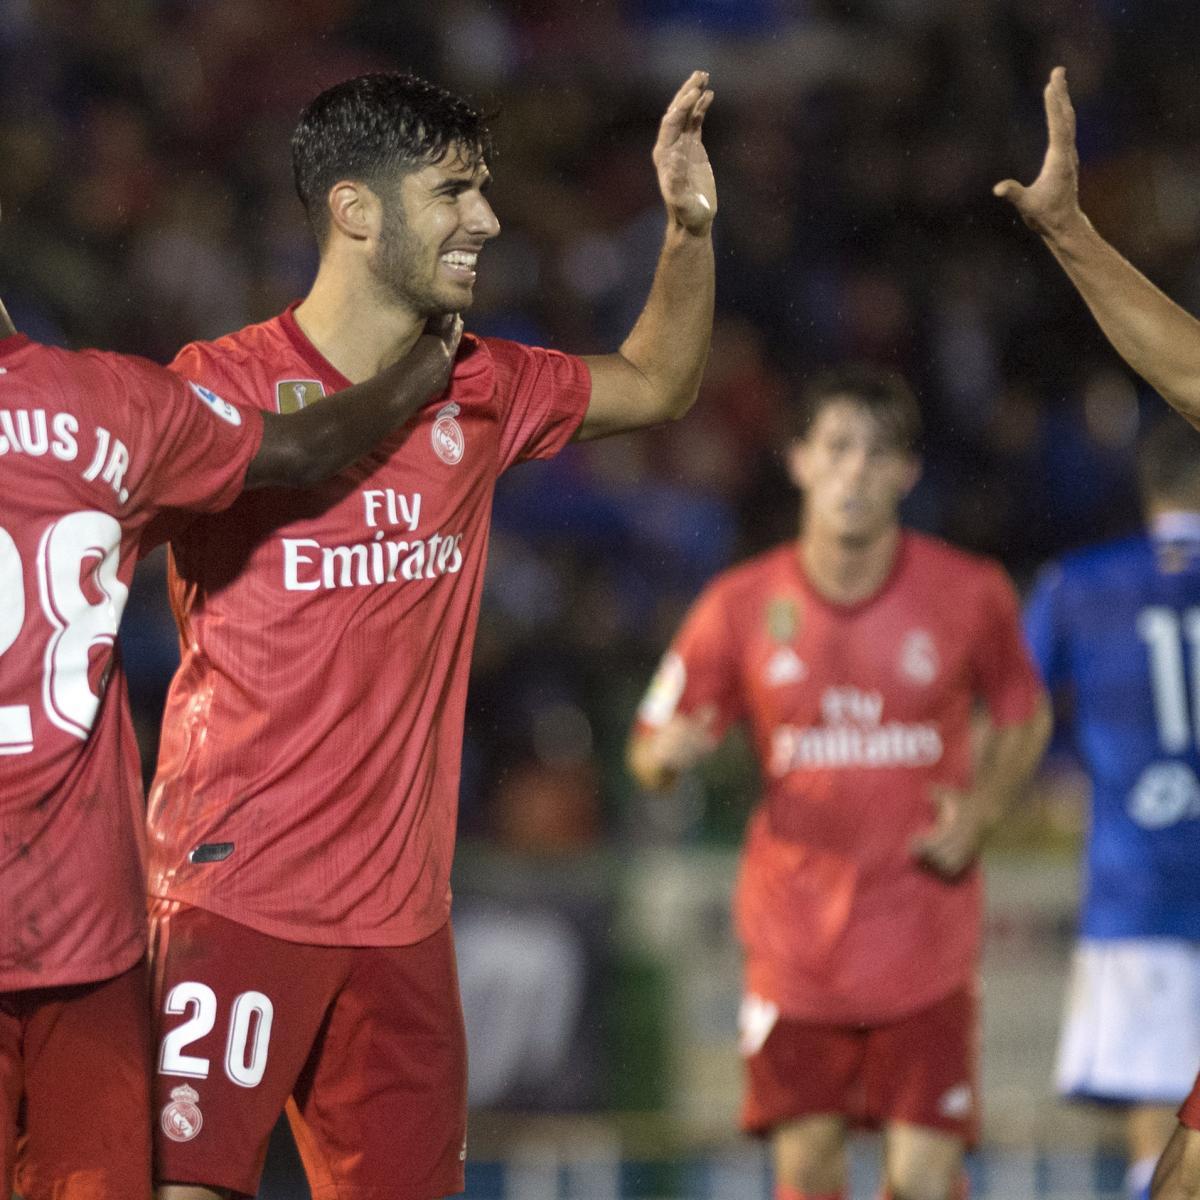 Champions League 2019 Round Of 16 Leg 2 Live Stream Tv: Real Madrid Vs. Melilla: Copa Del Rey Leg 2 Live Stream